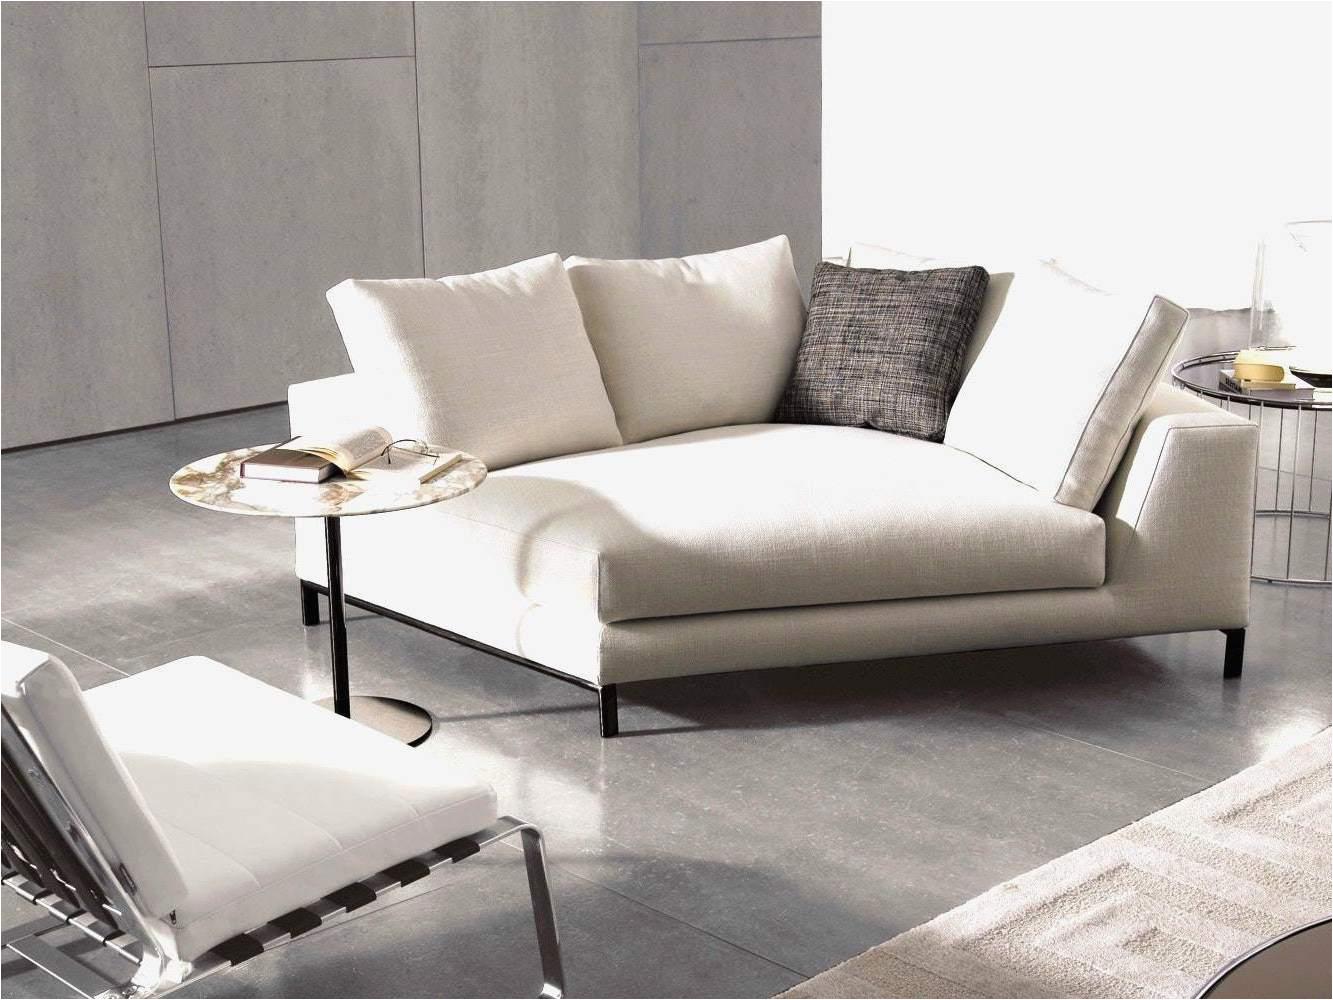 Welches sofa Für Kleines Wohnzimmer 26 Neu Wohnzimmer Ideen Für Kleine Räume Frisch